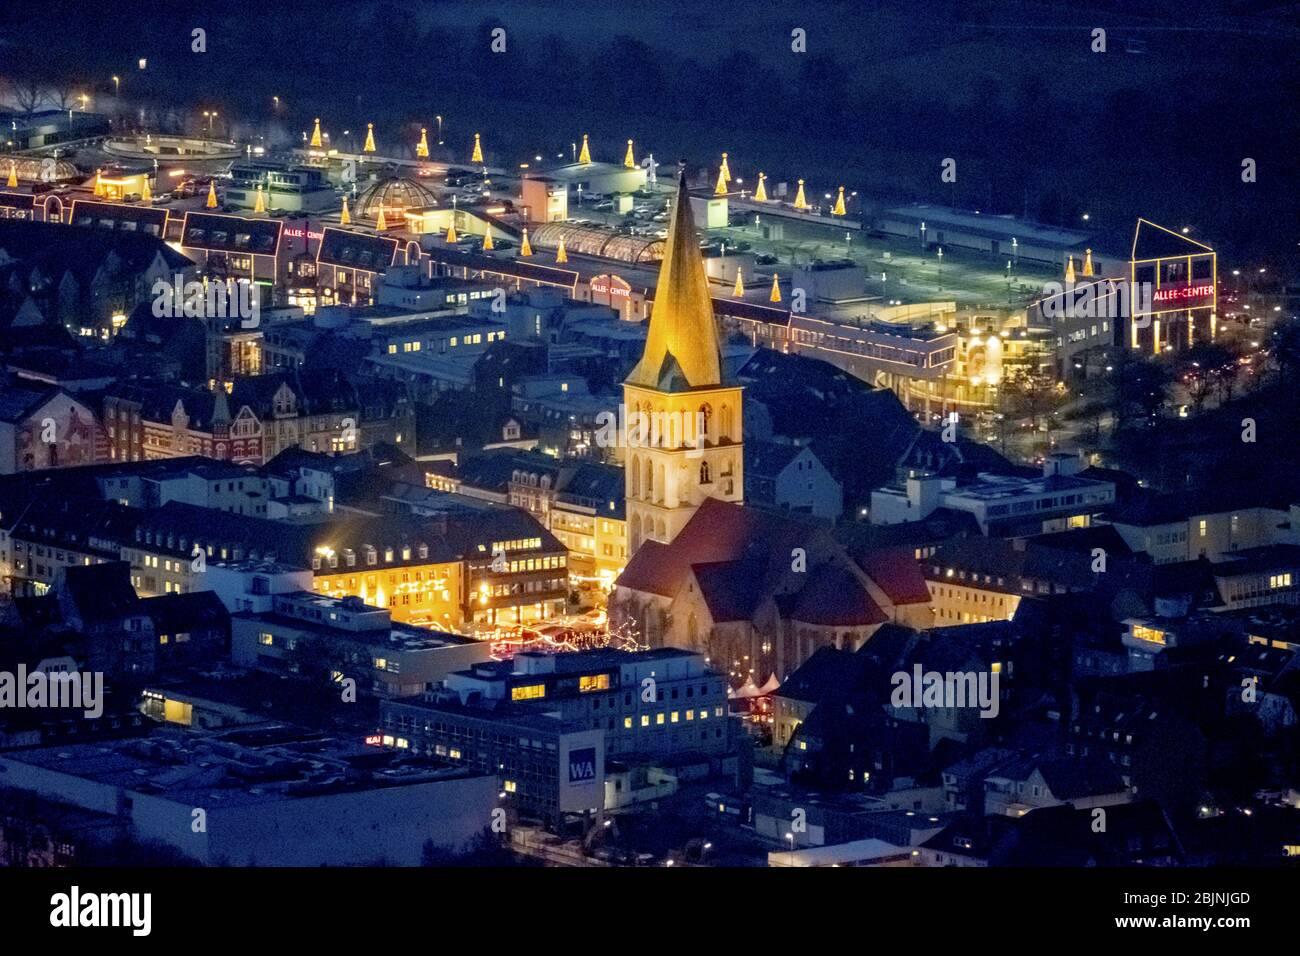 , marché de noël sur la place Marktplatz à l'église Pauluskirche à Hamm la nuit, 23.11.2016, vue aérienne, Allemagne, Rhénanie-du-Nord-Westphalie, région de la Ruhr, Hamm Banque D'Images